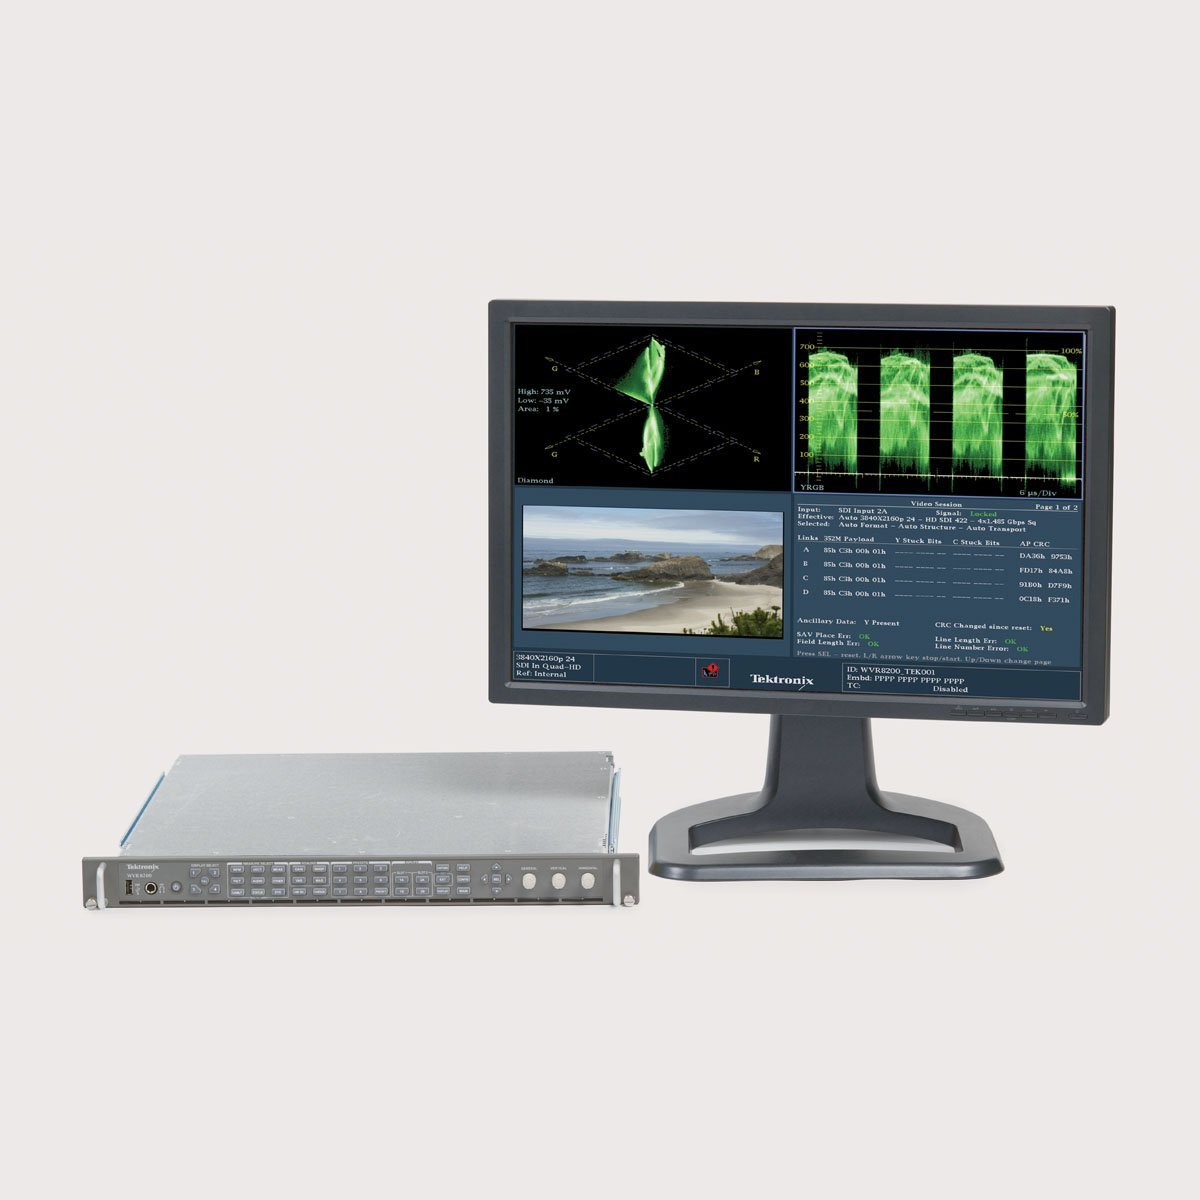 Tektronix WVR-8200 Advanced 3G-SDI Rasterizer with 4K Support